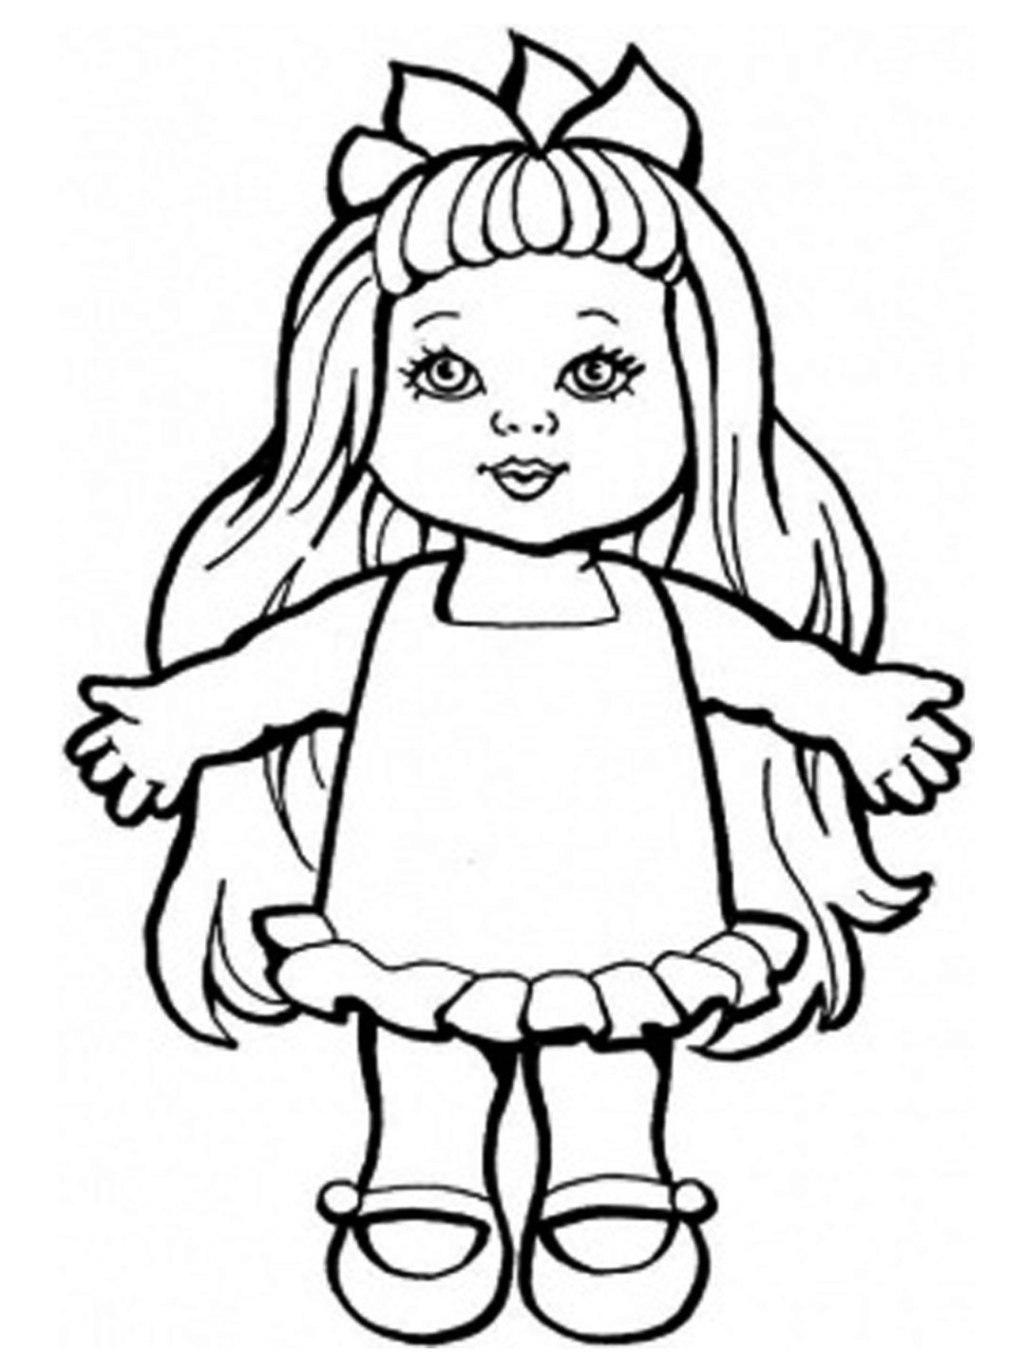 Malvorlagen zum Drucken Ausmalbild Puppe kostenlos 1